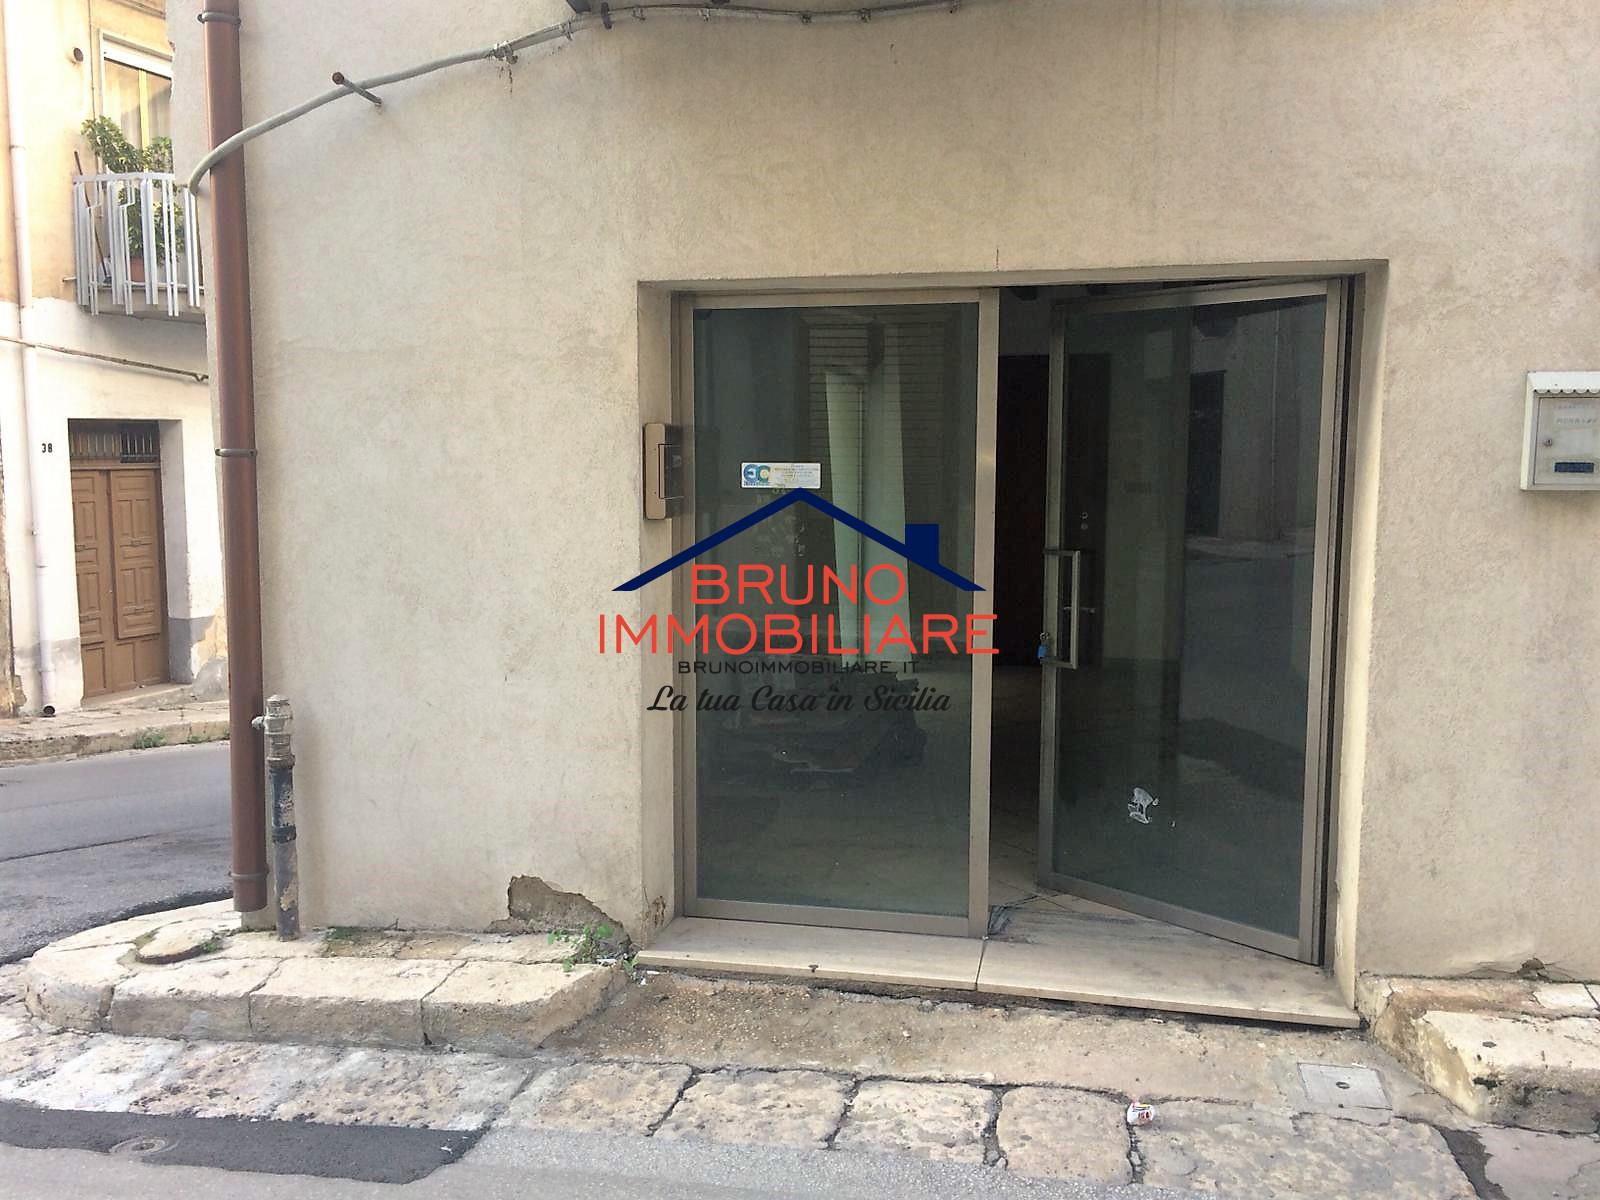 Alcamo, ,Locale commerciale e artigianale,Affitto,1089